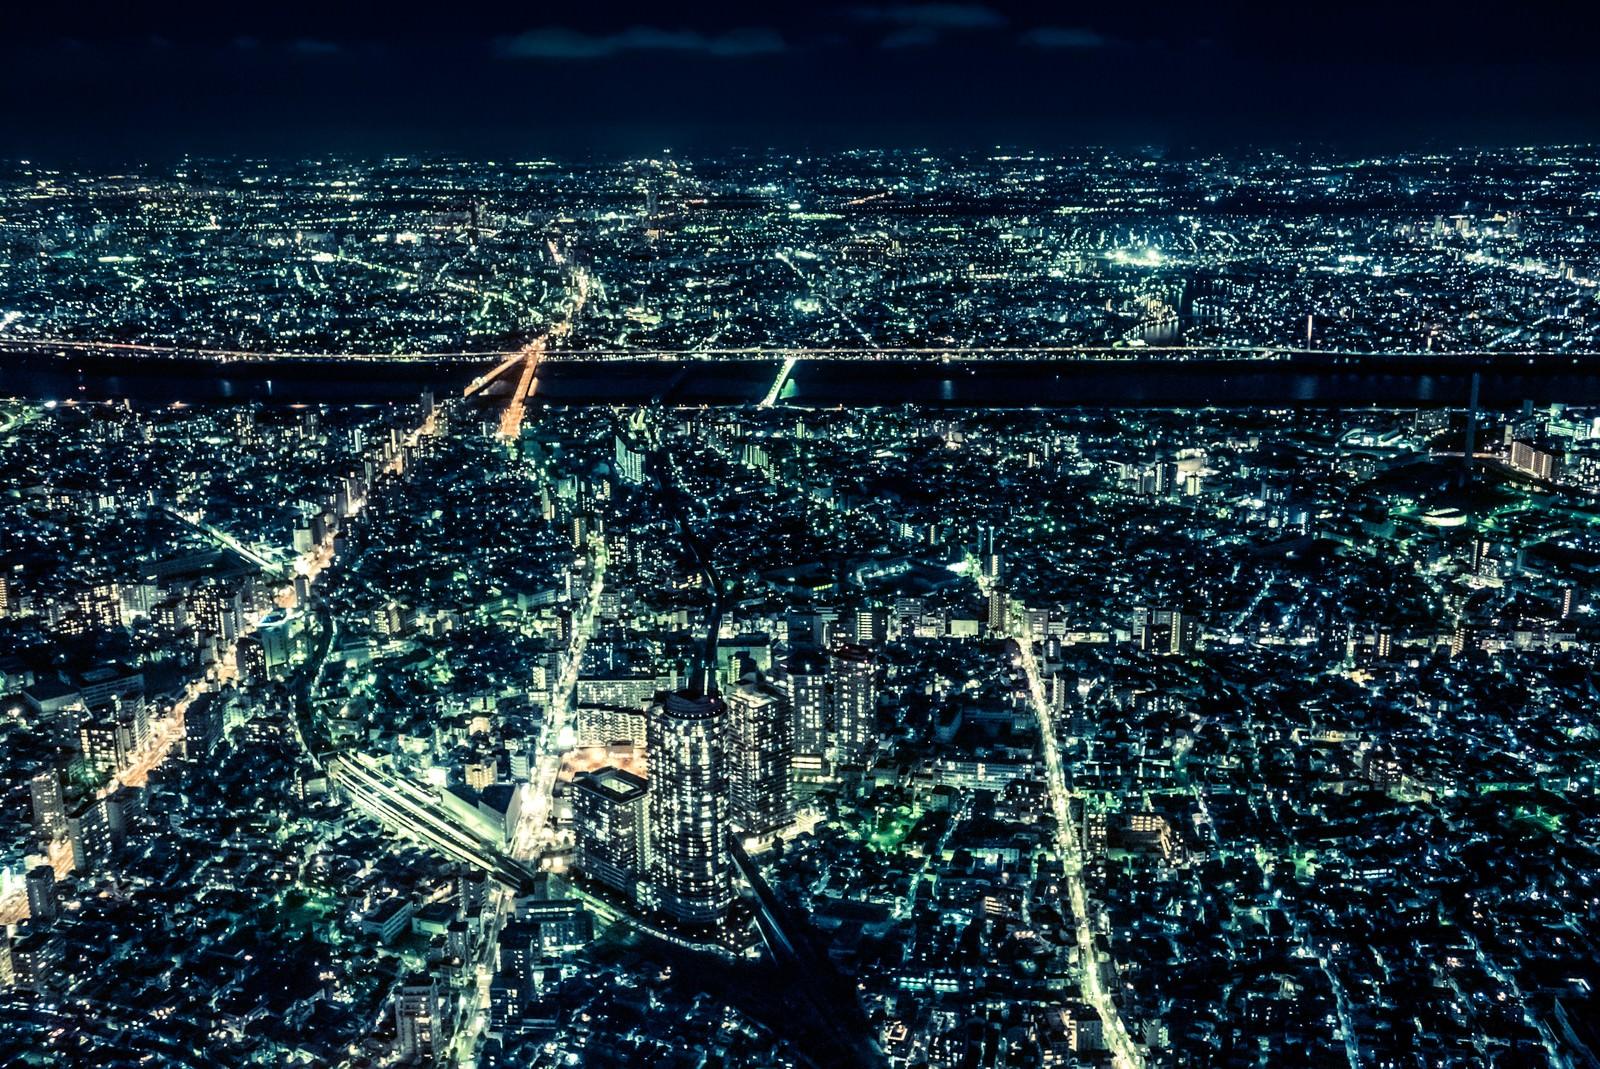 「大都会、東京の夜景」の写真